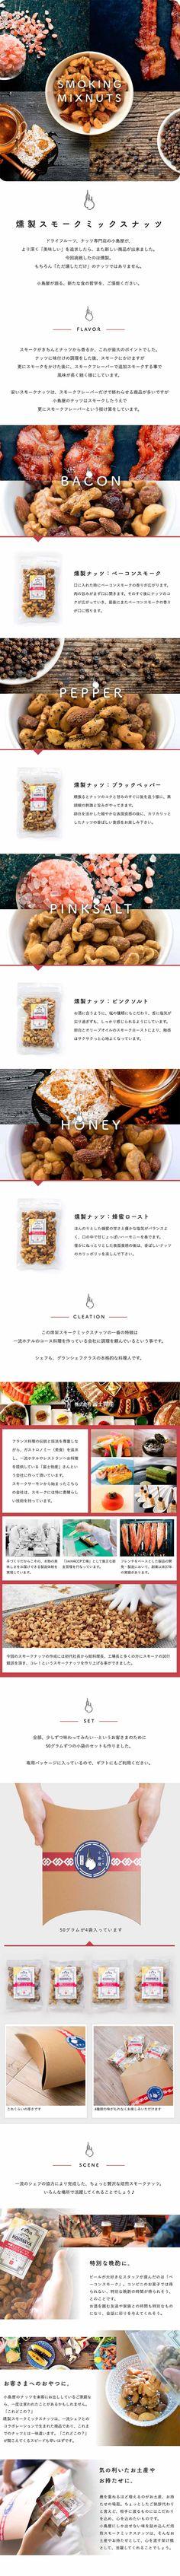 燻製スモークミックスナッツ【食品関連】のLPデザイン。WEBデザイナーさん必見!ランディングページのデザイン参考に(シンプル系)